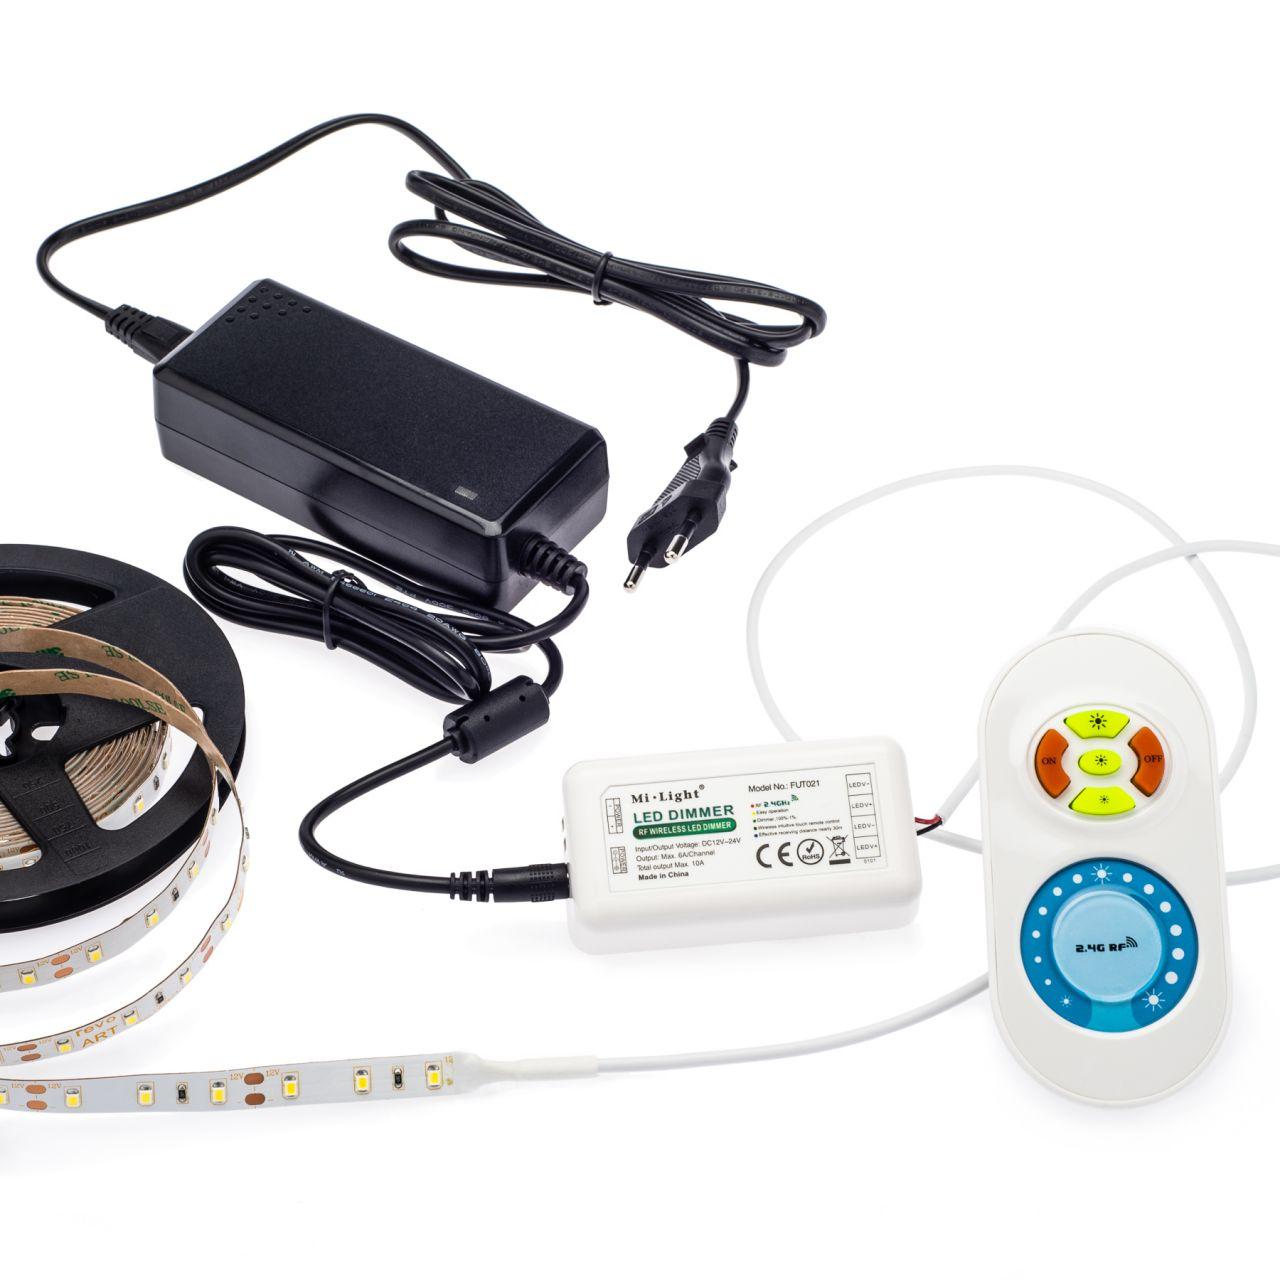 12V LED Streifen Set mit Fernbedienung und Netzteil, 250cm Länge, Lichtfarbe weiß